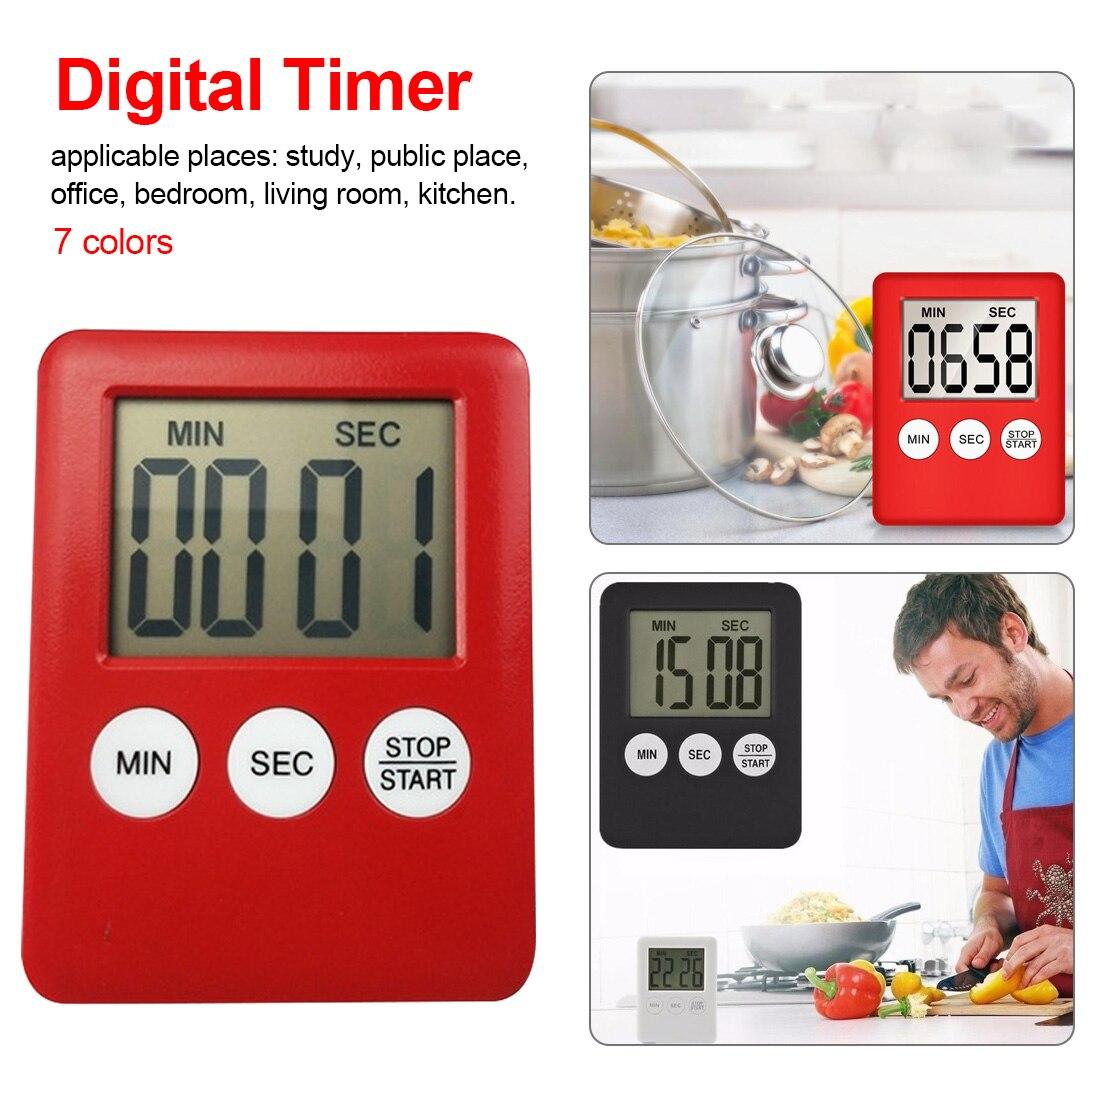 Home Küche Timer Elektronische Küche Kochen Timer Stoppuhr Kochen Werkzeuge Einfache Praktische Verwenden Digitale Platz Lcd Display Zu Den Ersten äHnlichen Produkten ZäHlen Werkzeuge